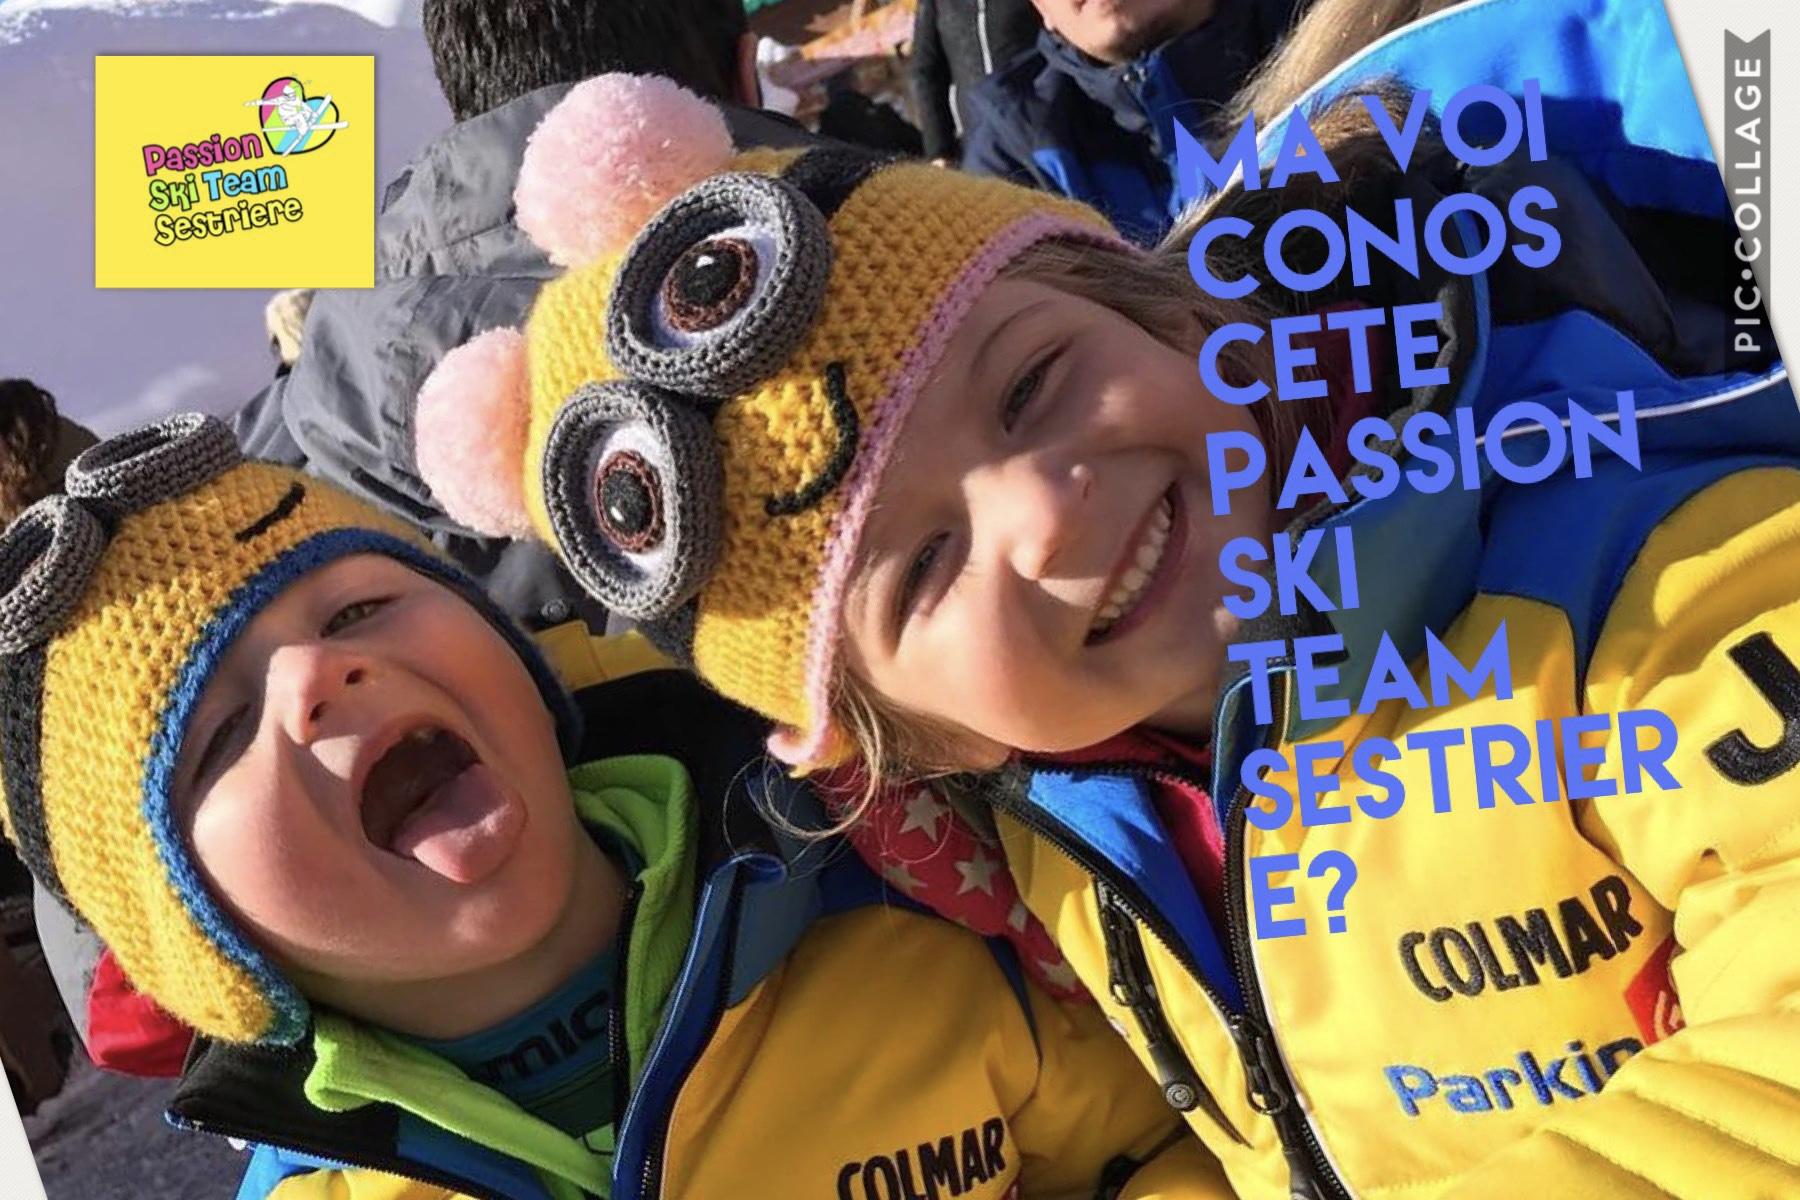 Ma voi conoscete Passion Ski Team Sestriere?